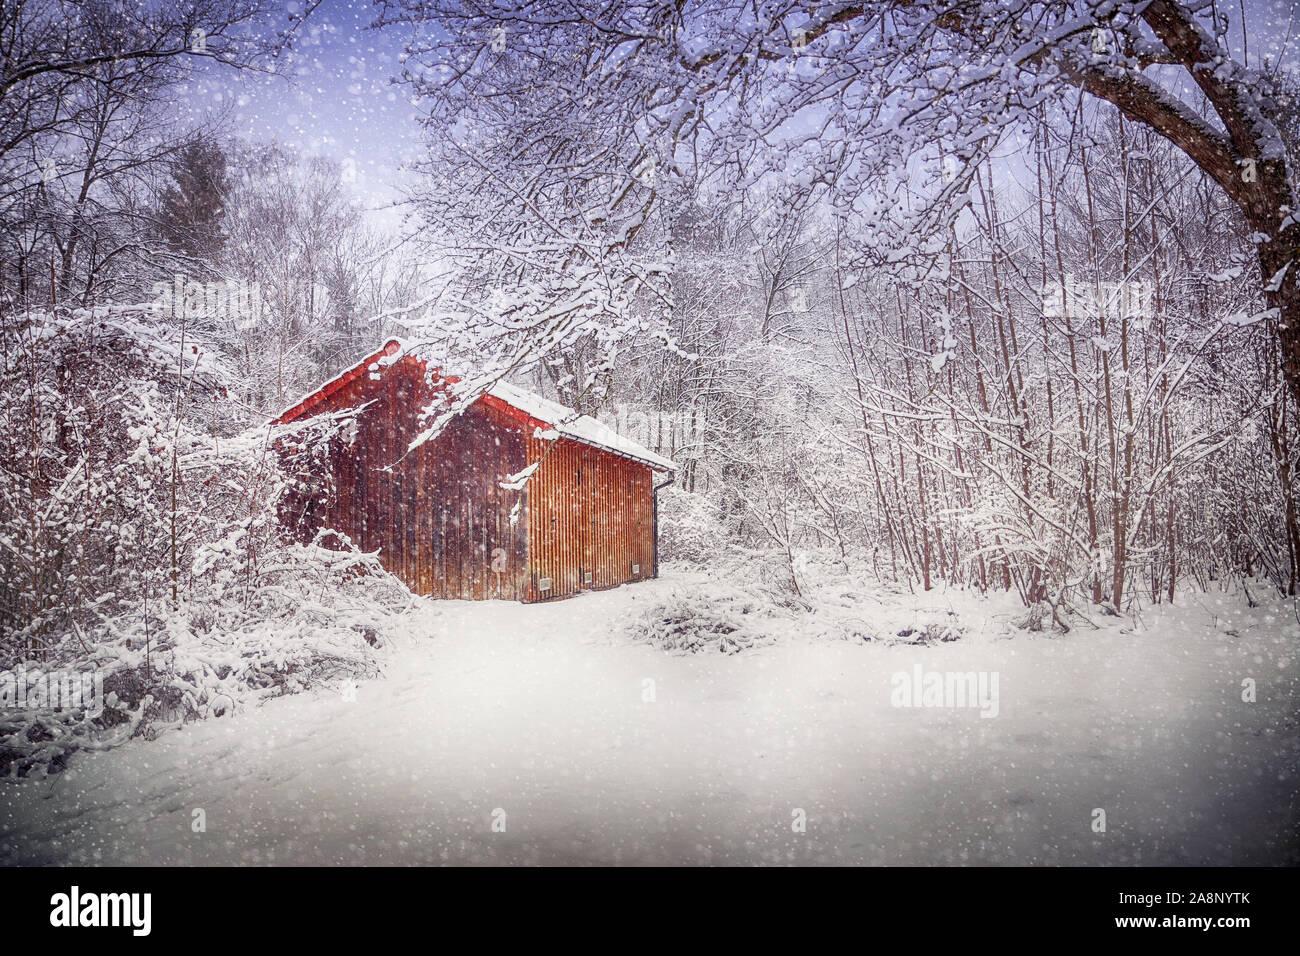 Chalet dans les bois en hiver sous une tempête de neige avec une couverture blanche sur le sol et sur les branches des arbres. Banque D'Images